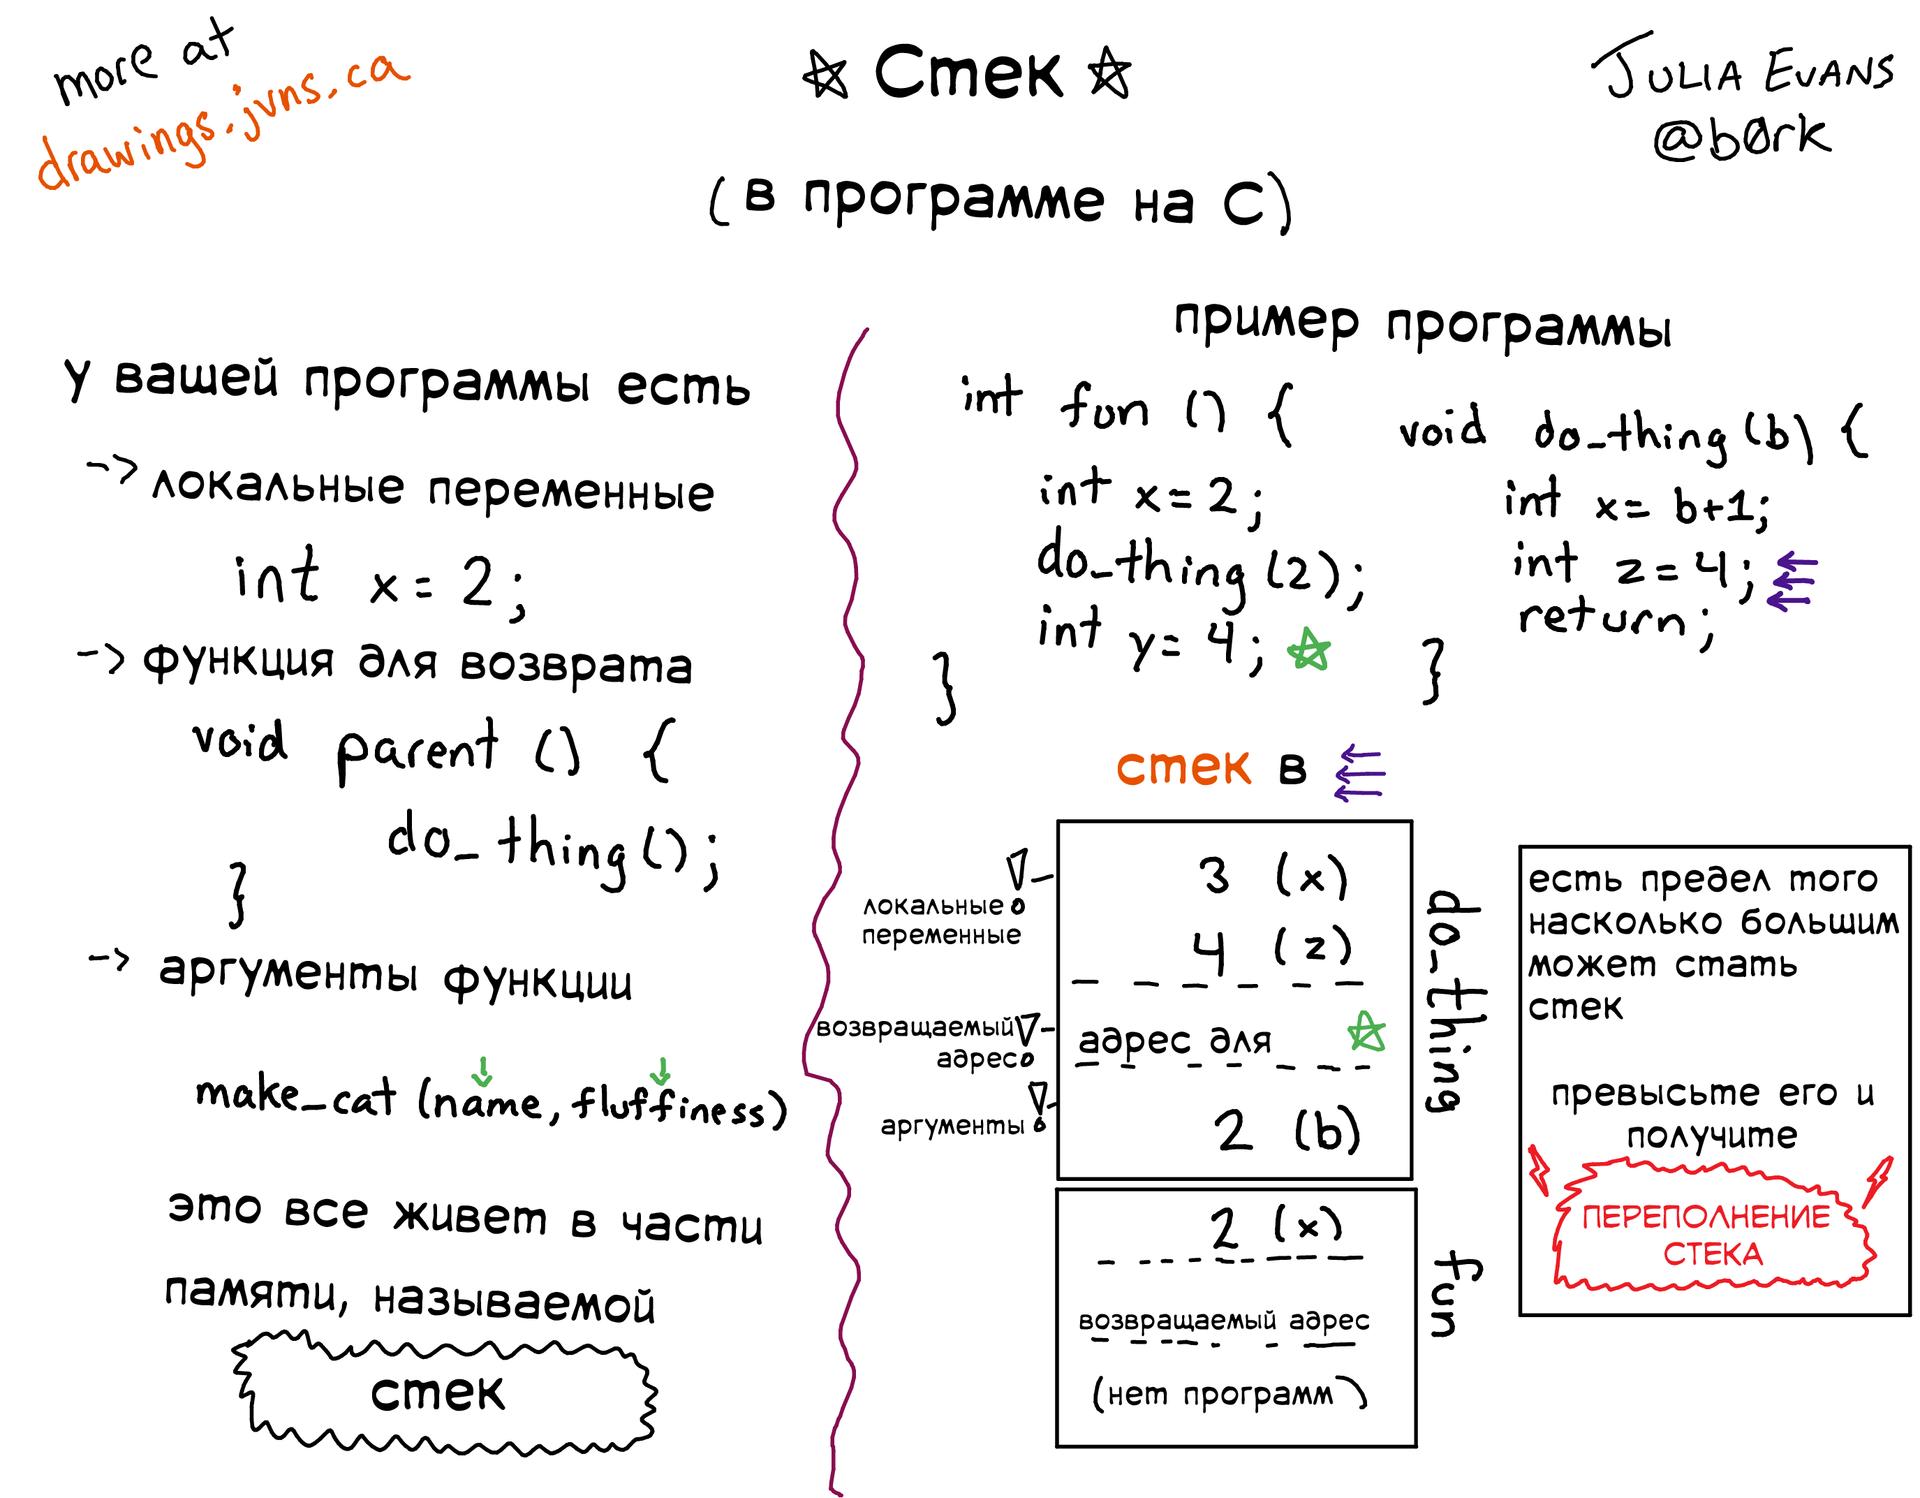 Подборка полезных слайдов от Джулии Эванс - 2